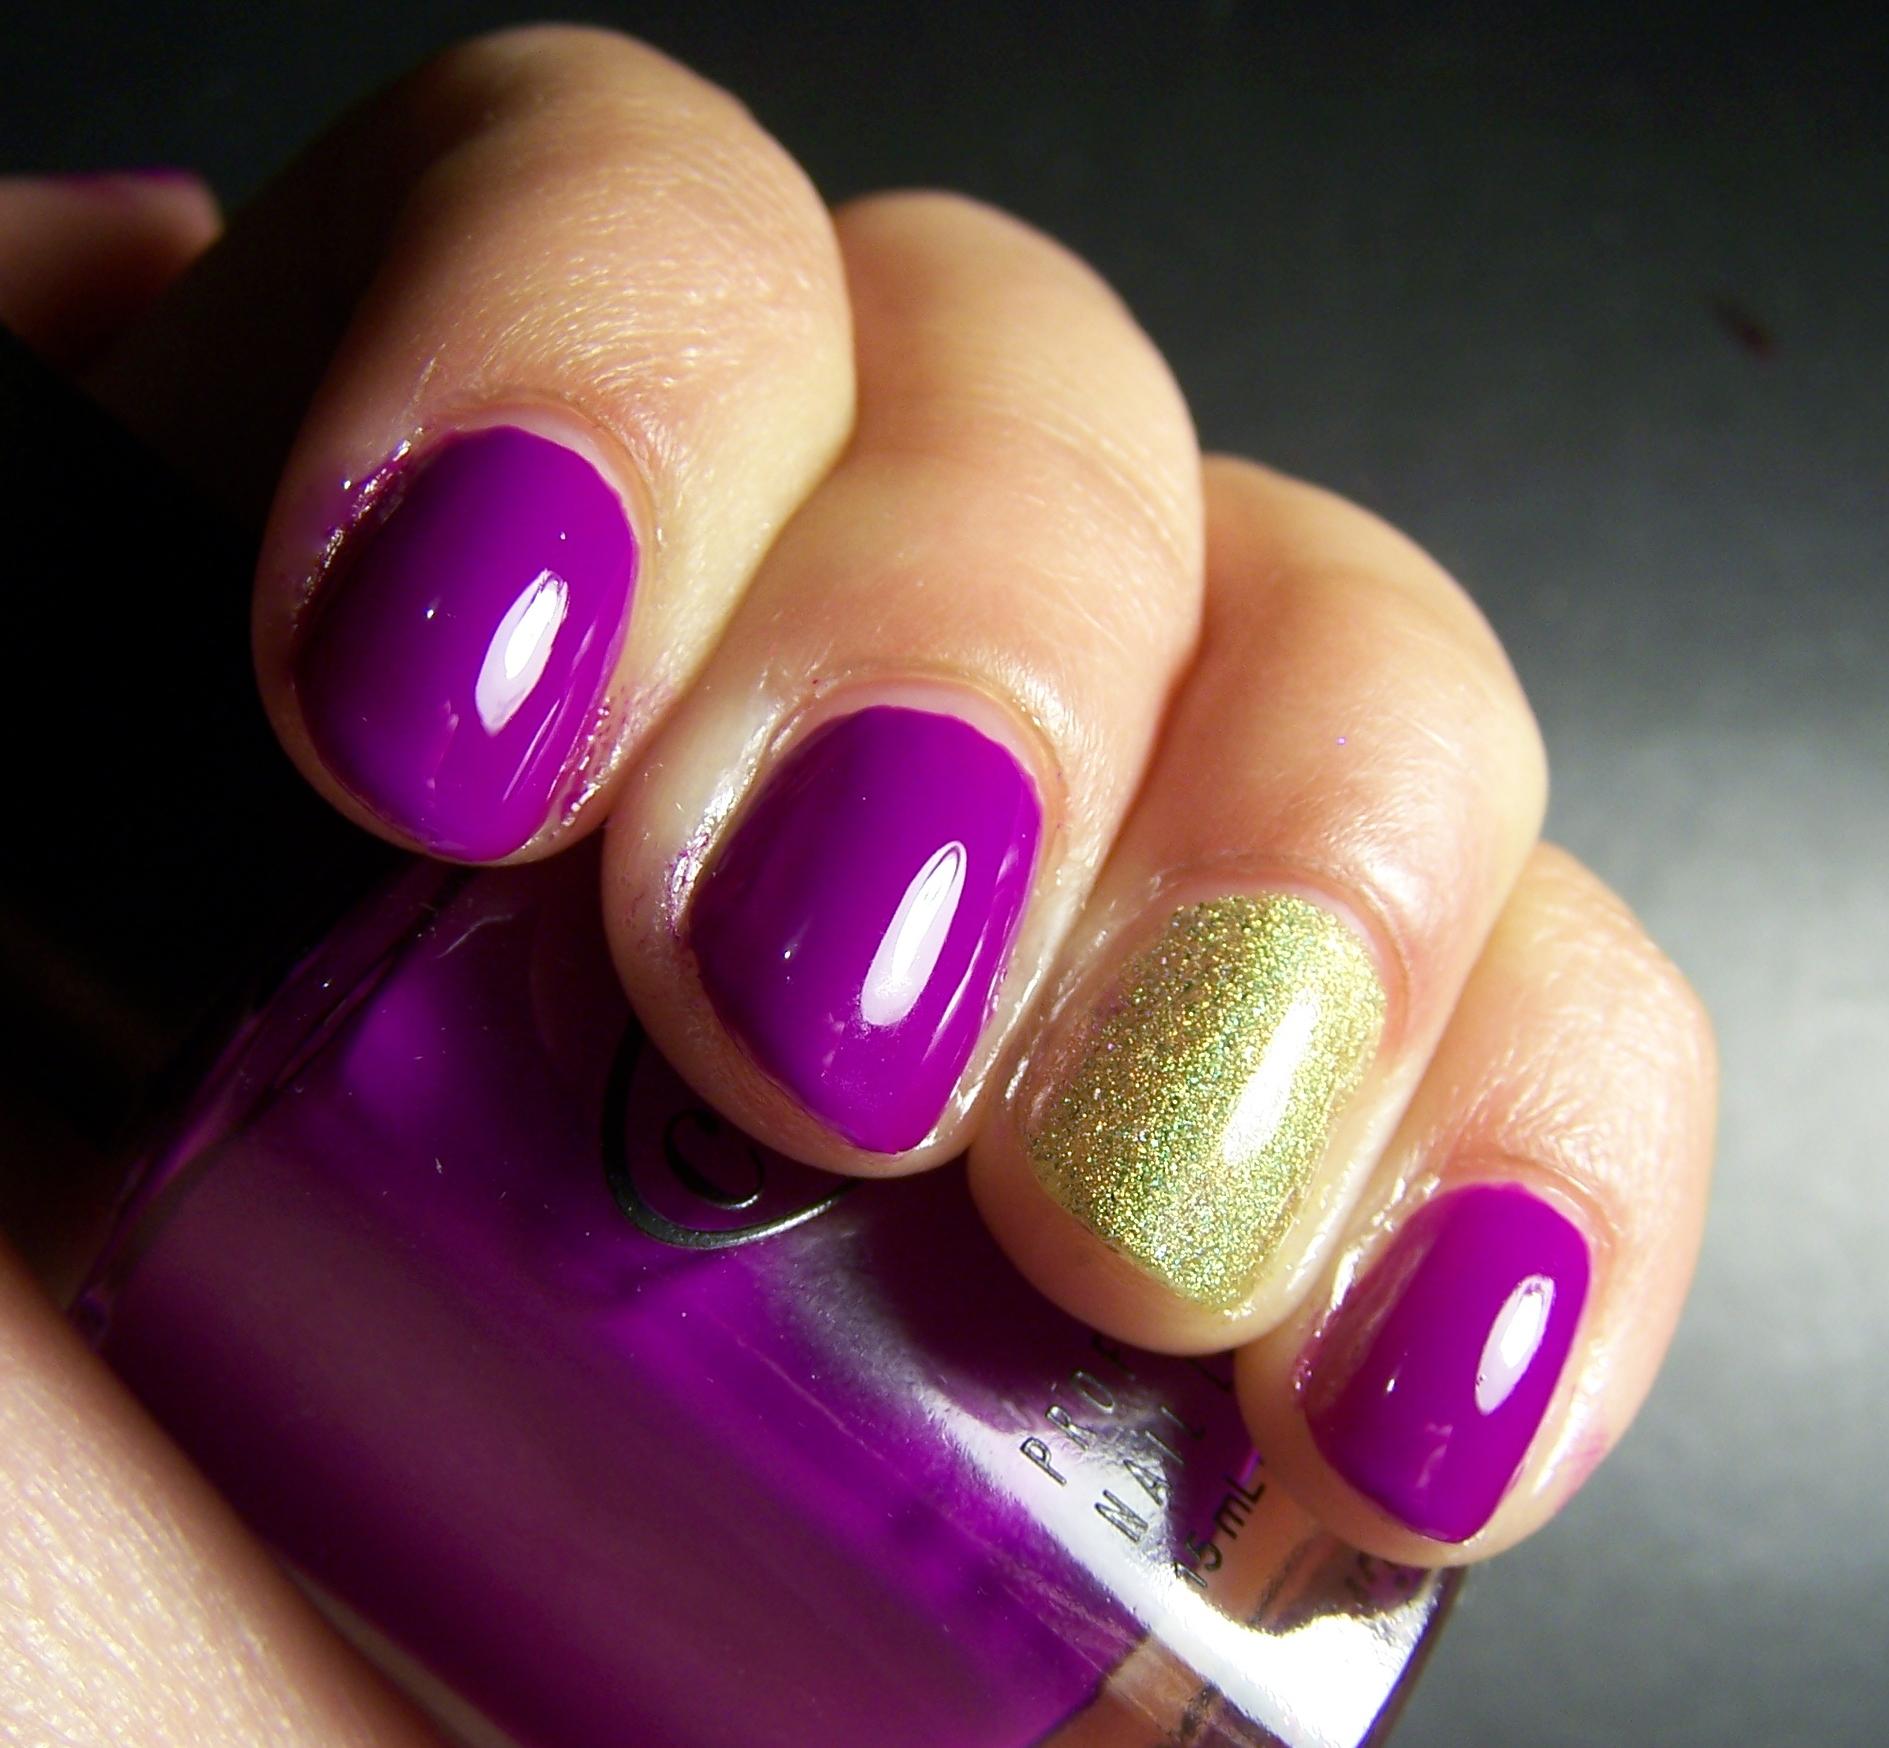 Random manicure nen y holo Mucho esmalte y pocas nueces